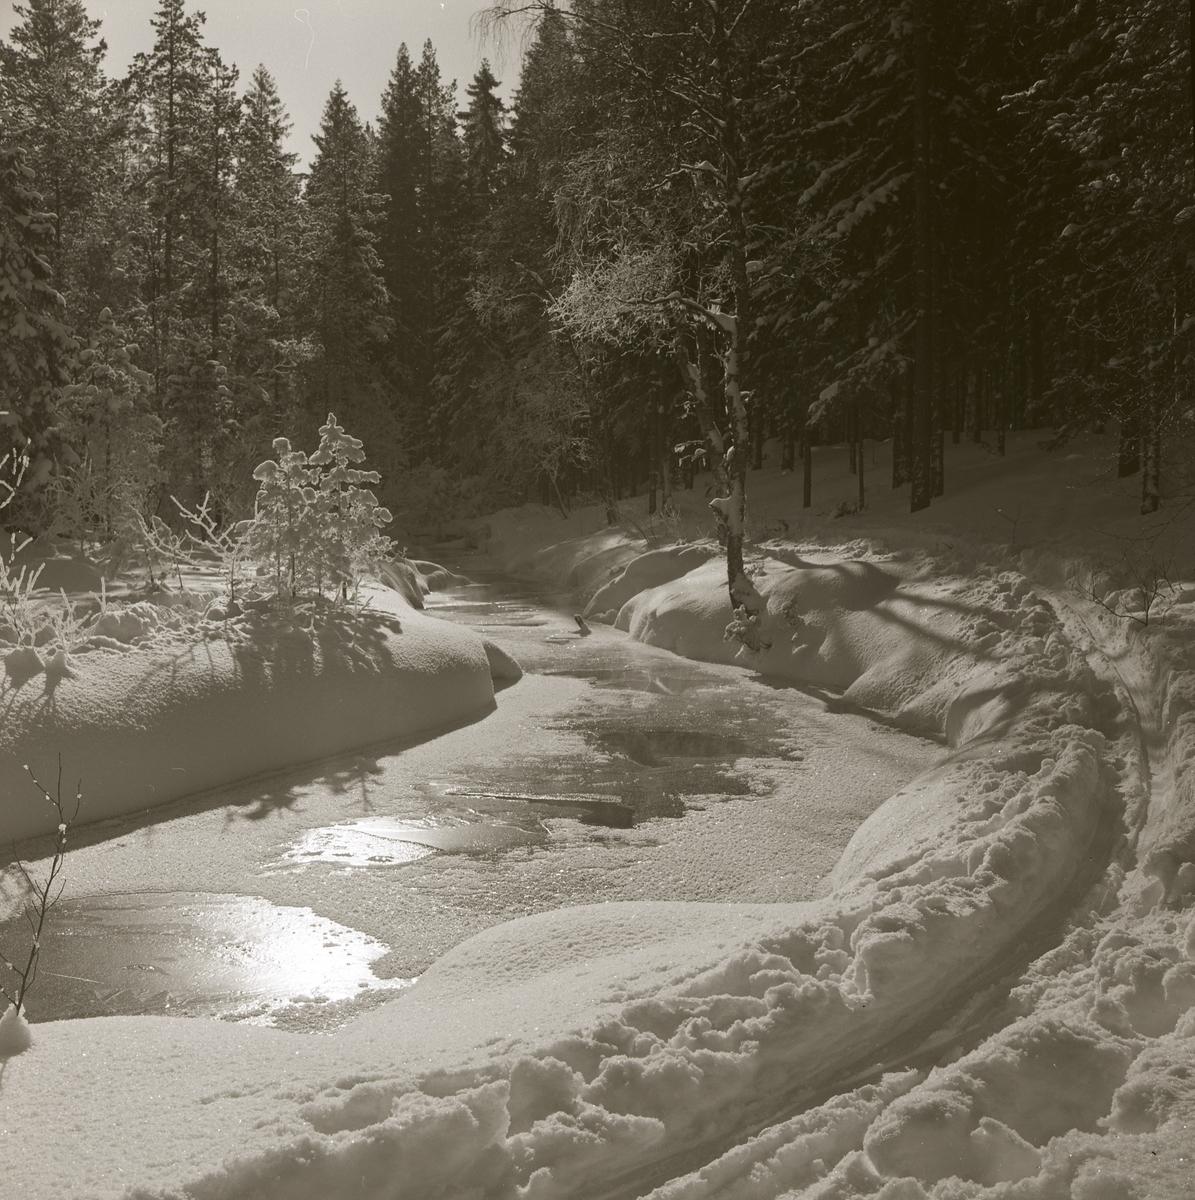 Hölesjöån slingrar fram genom ett snötäckt landskap den 25 december 1963.